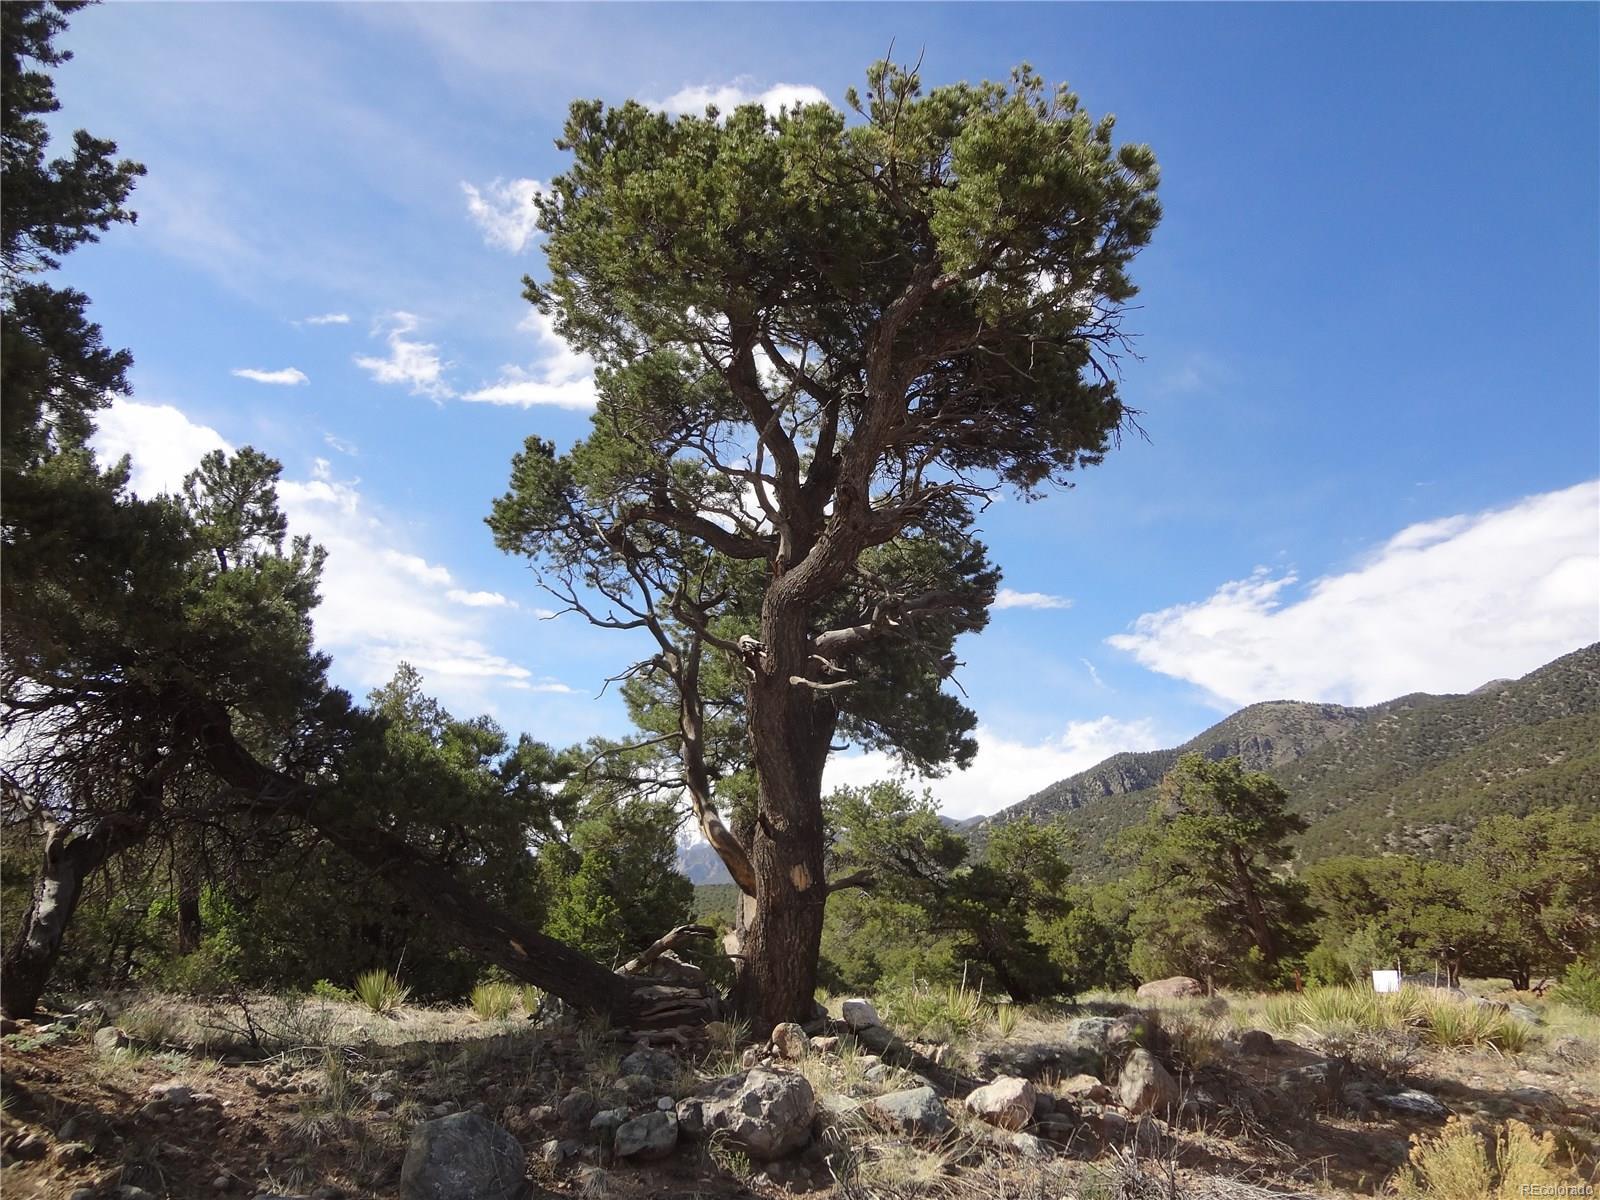 3557 Double Tree Ol, Crestone, CO 81131 - Crestone, CO real estate listing